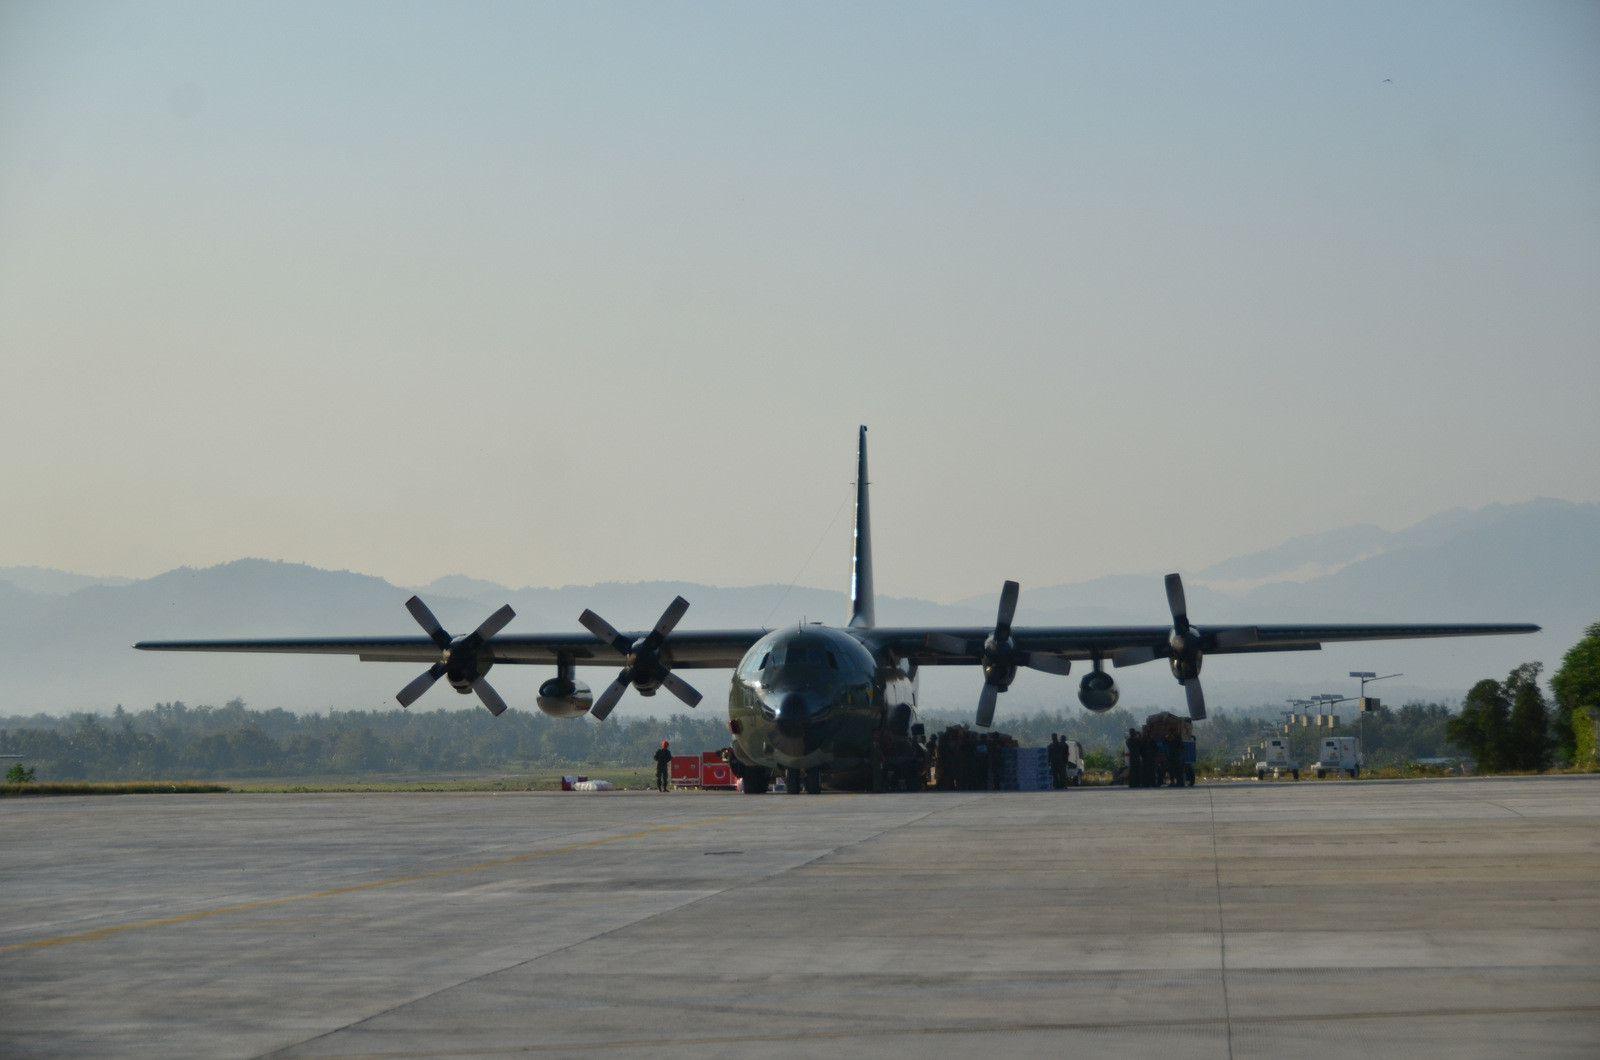 Thảm họa kép Indonesia: Ghi nhận của PV từ đầu cầu cứu trợ hàng không Palu Ảnh 1